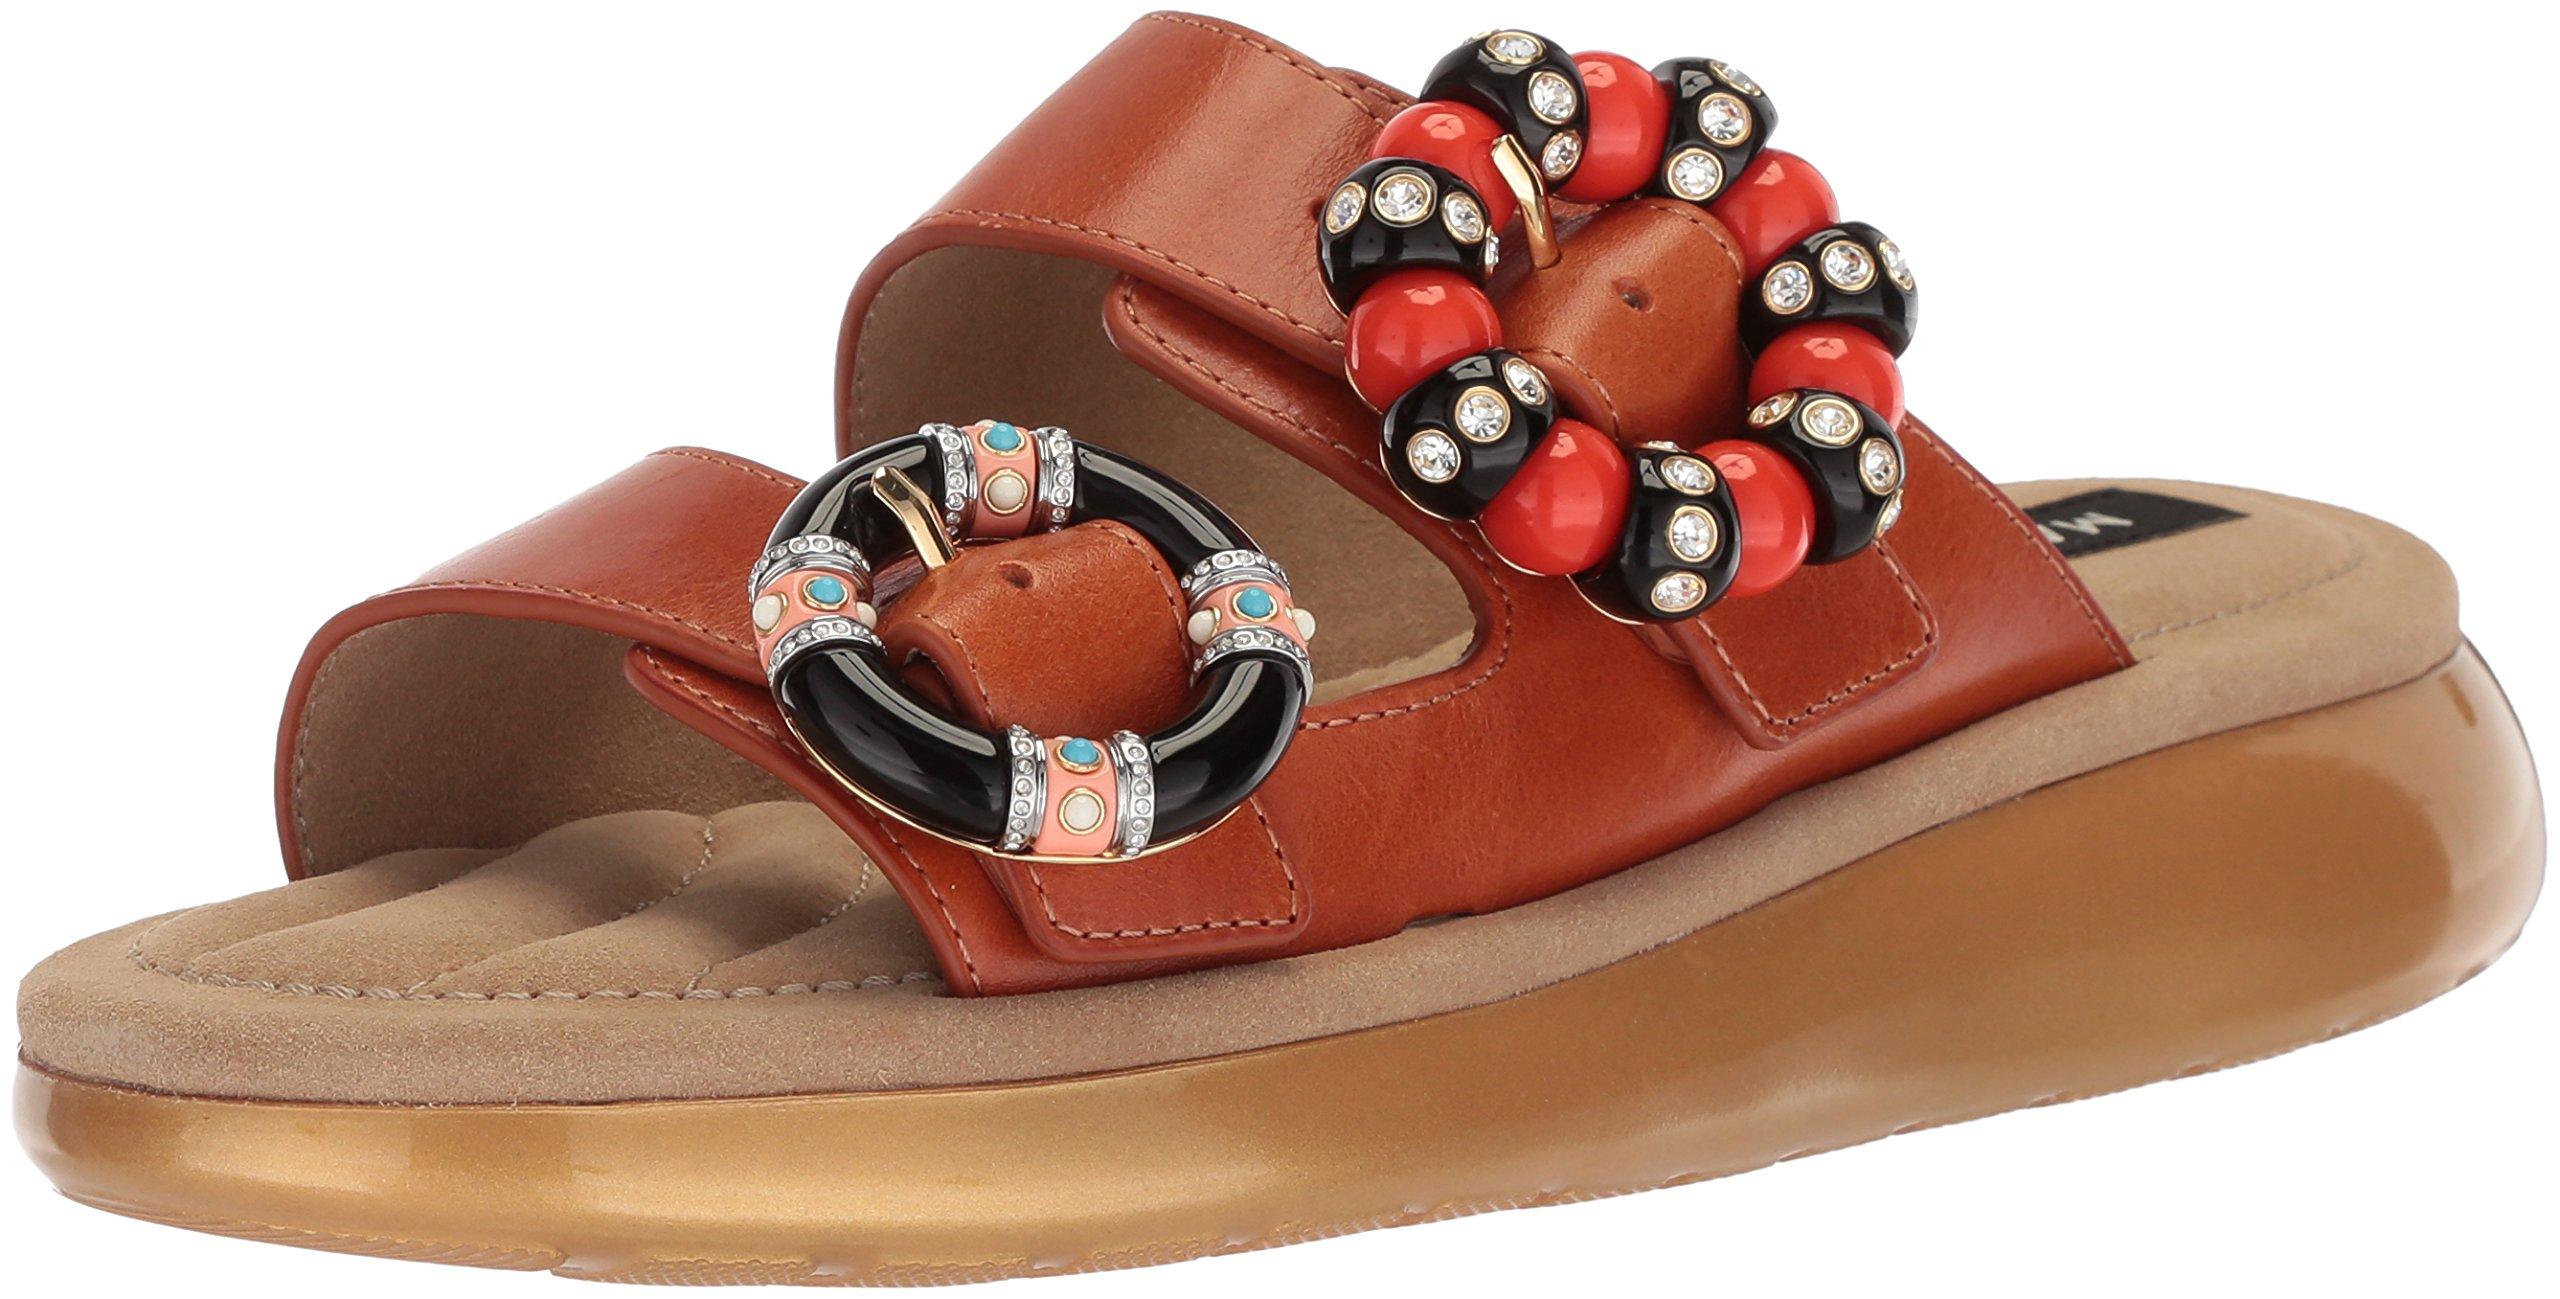 Marc Jacobs Women's Sage Embellished Slide Sandal, Luggage, 36 M EU (6 US)